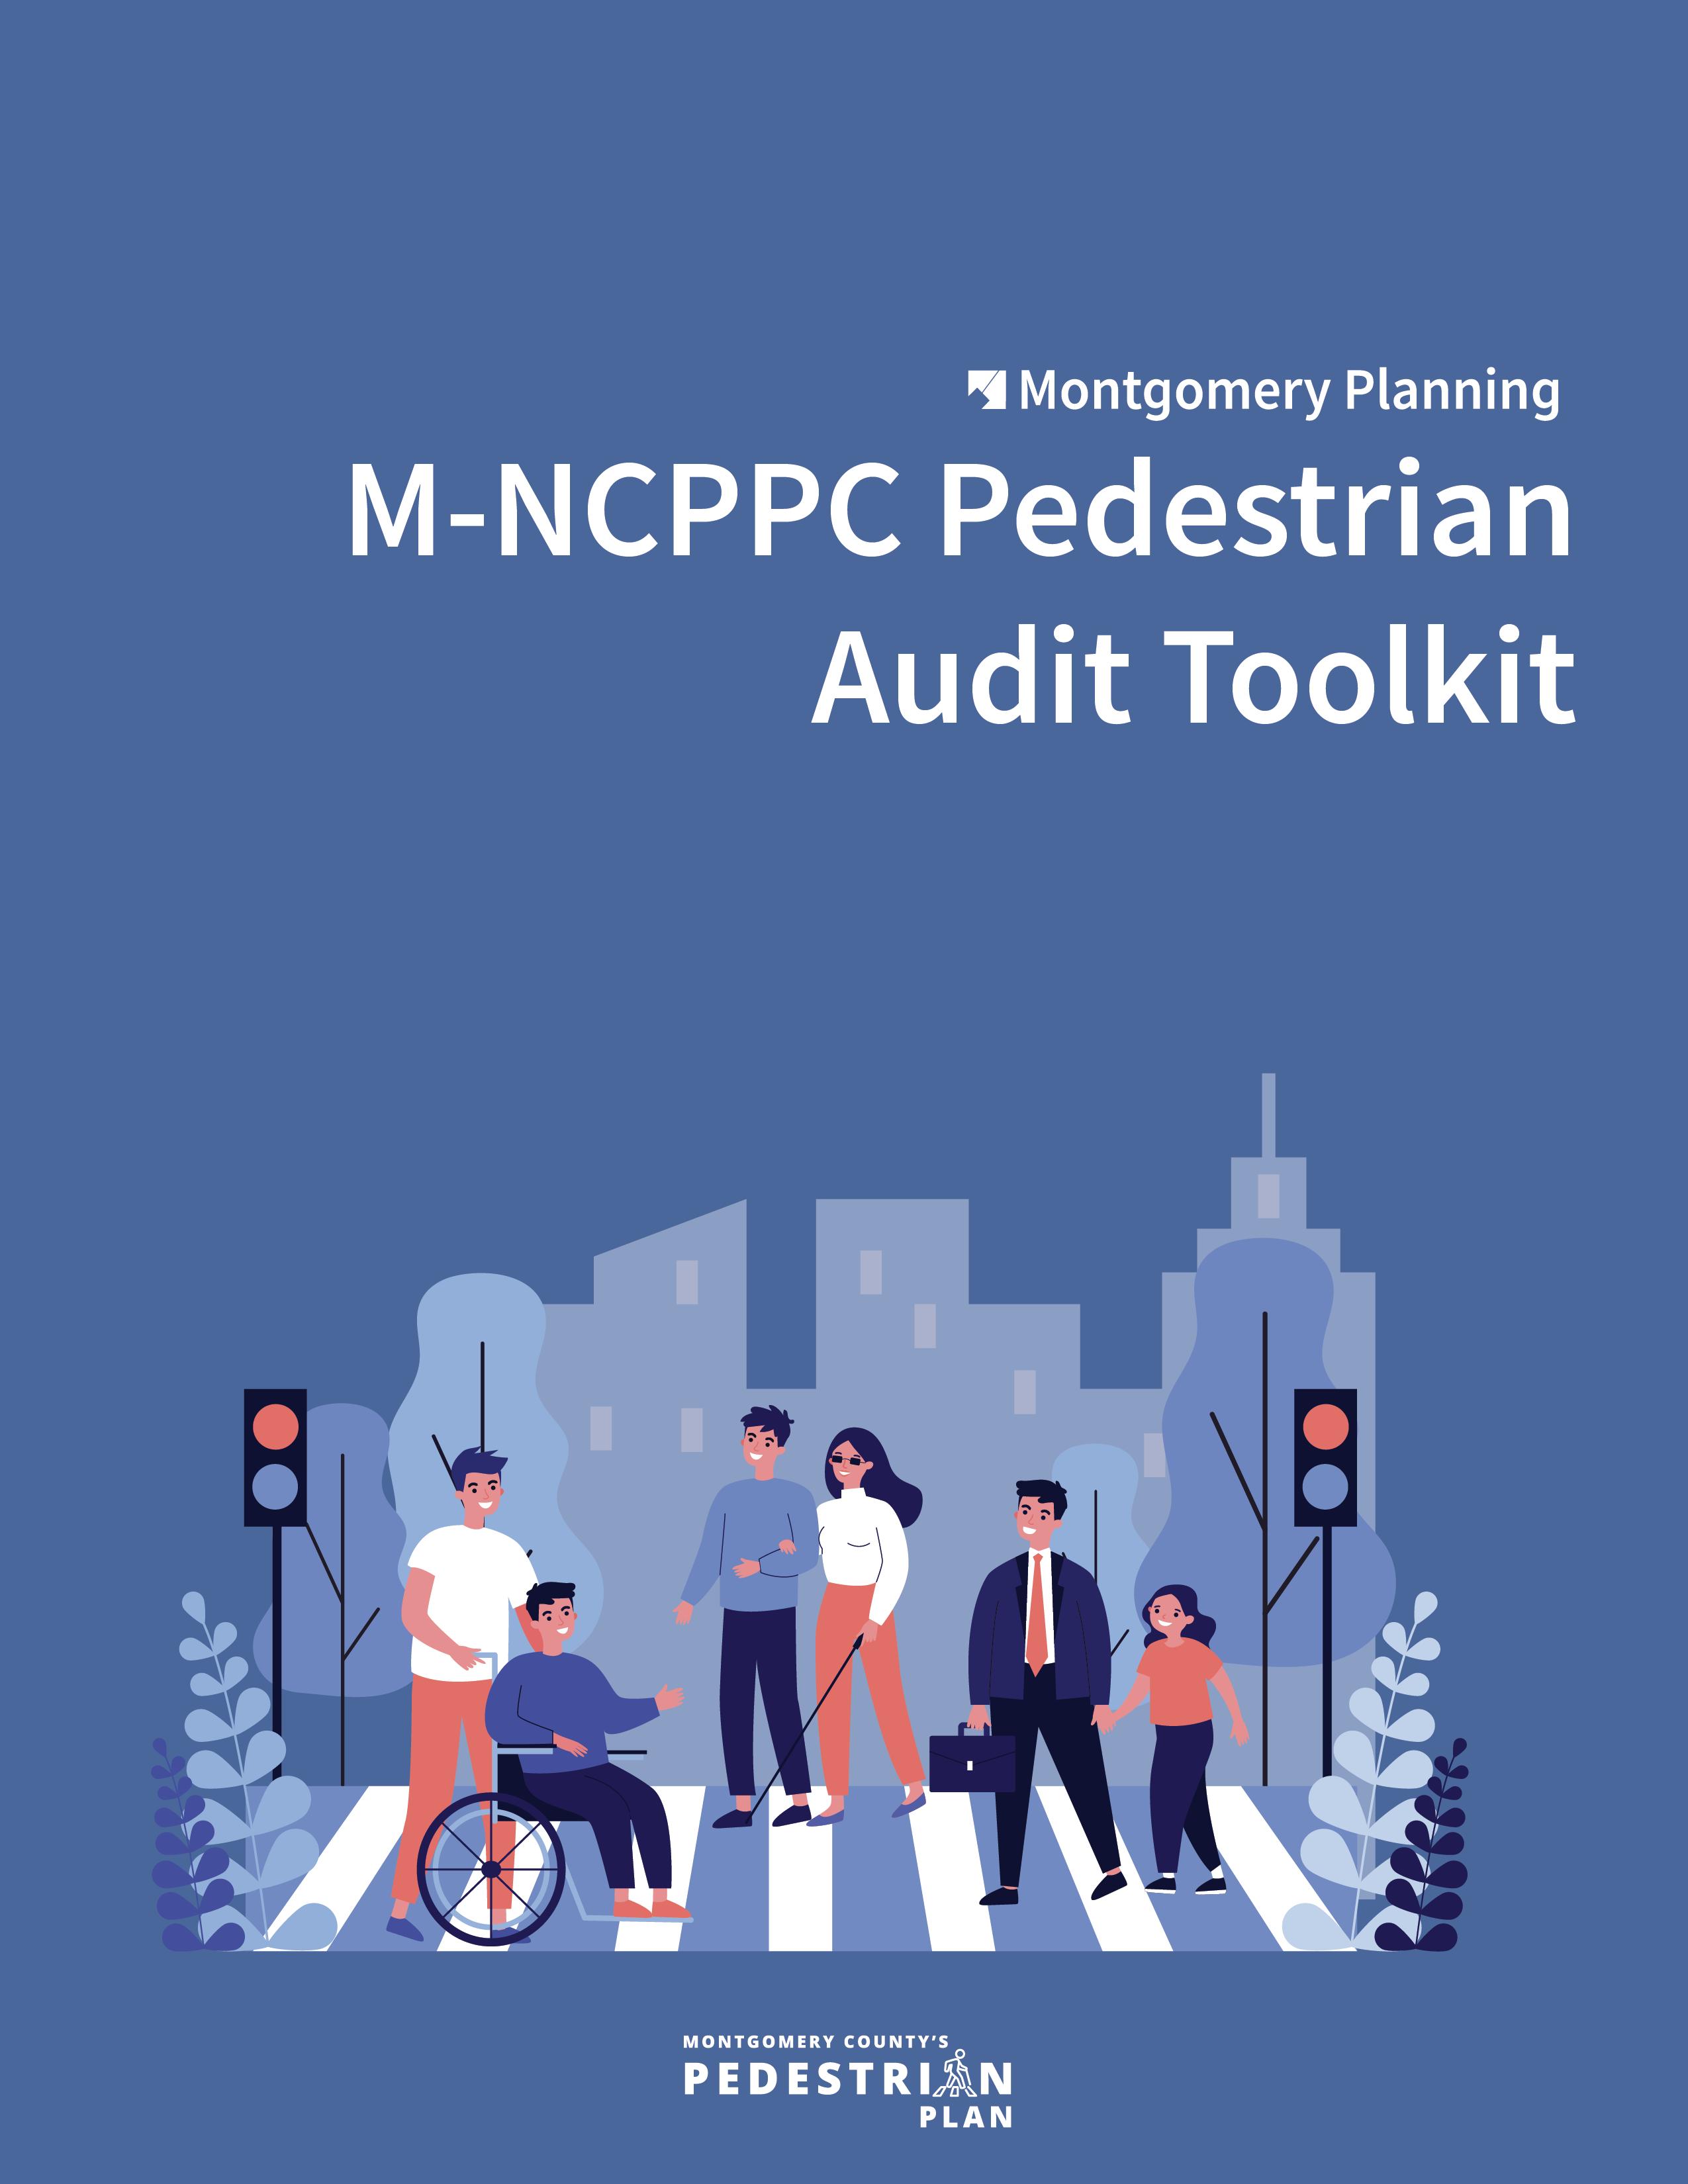 M-NCPPC Pedestrian Audit Toolkit